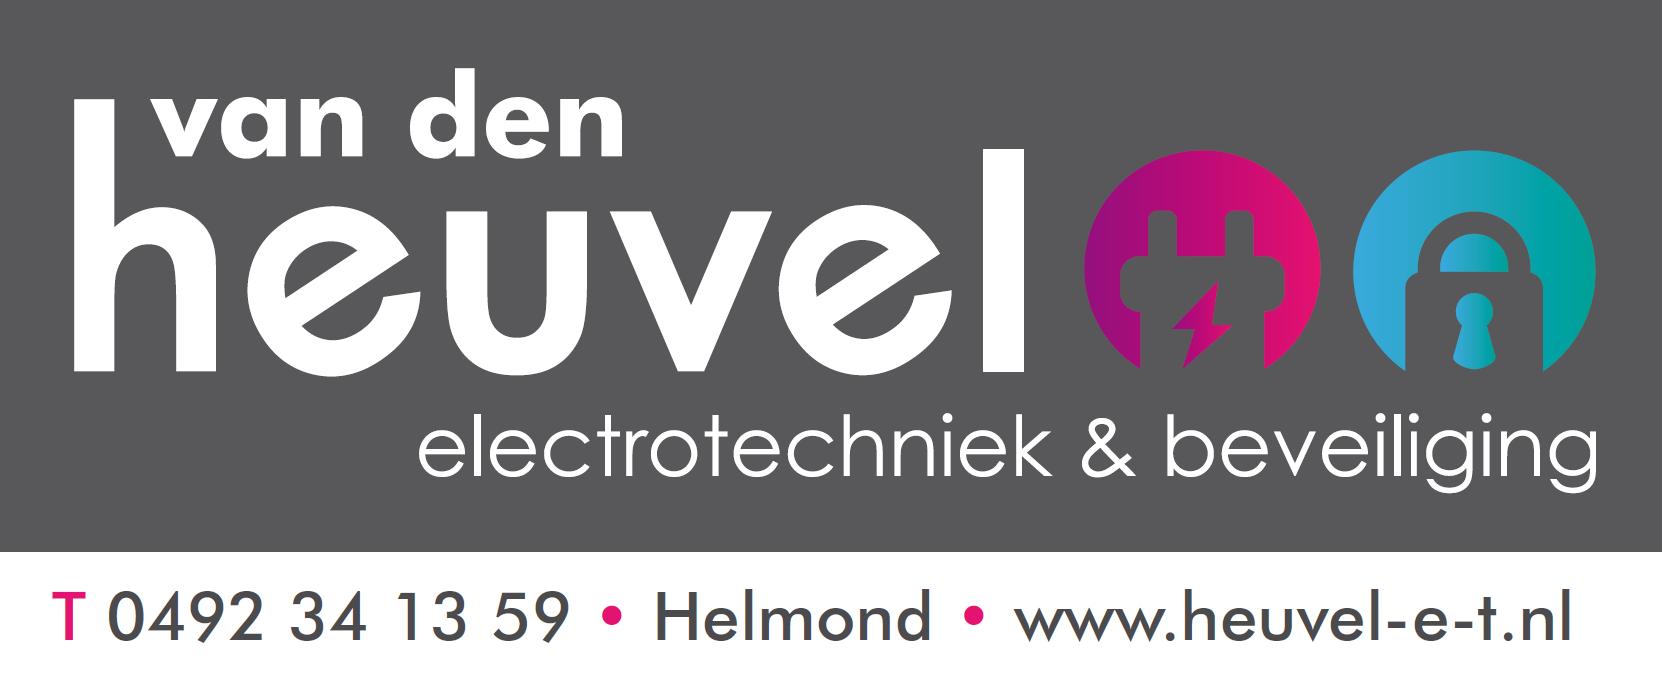 Van Den Heuvel Elektrotechniek